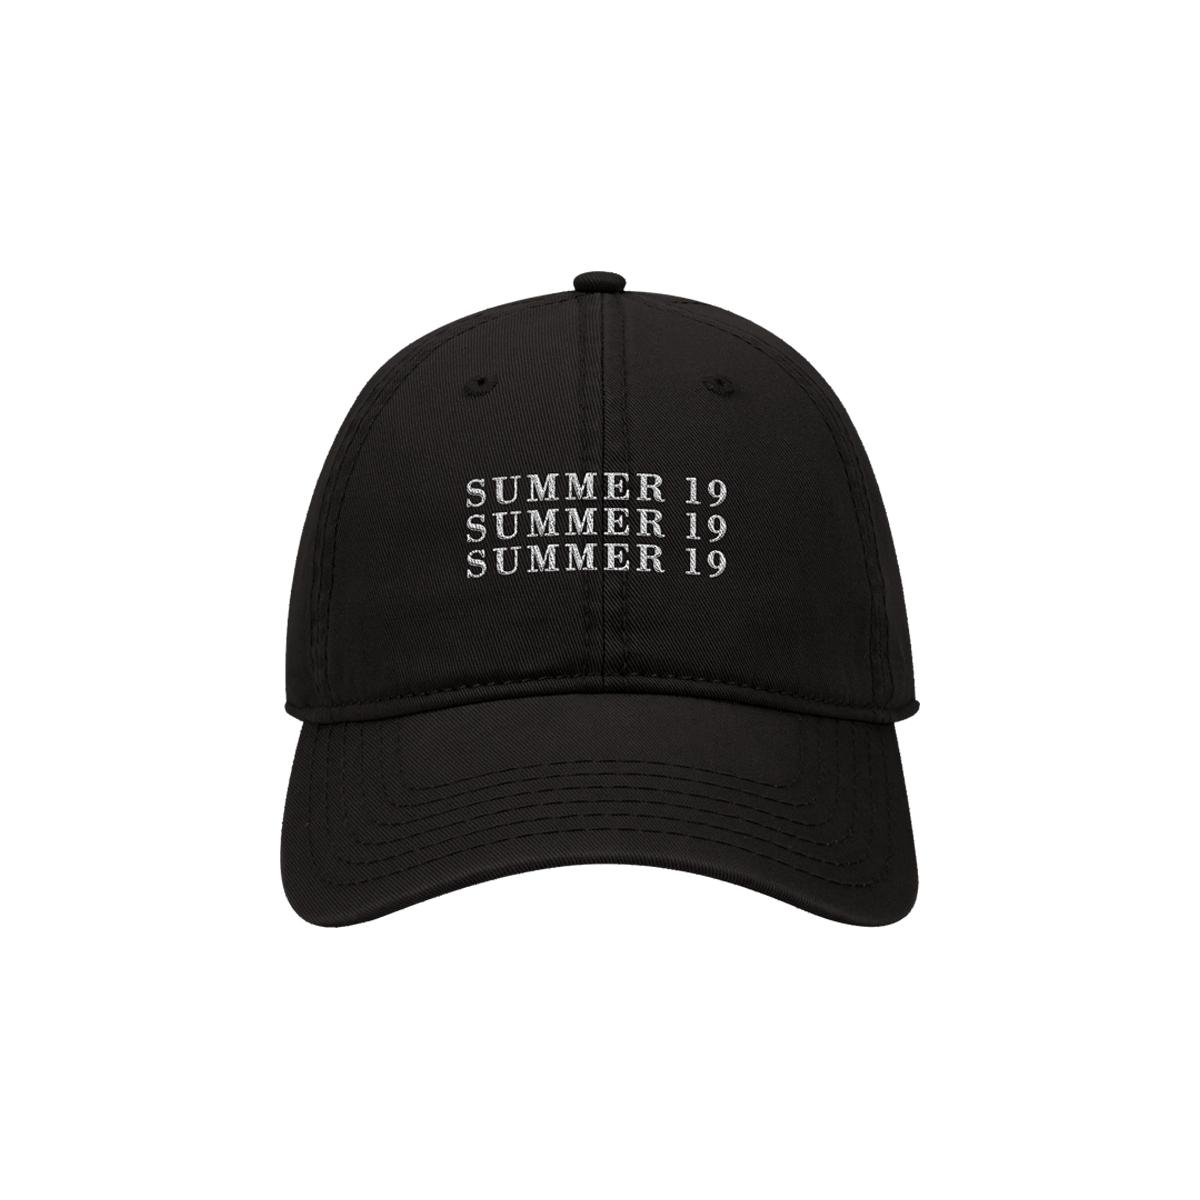 Summer 19 Dad Hat